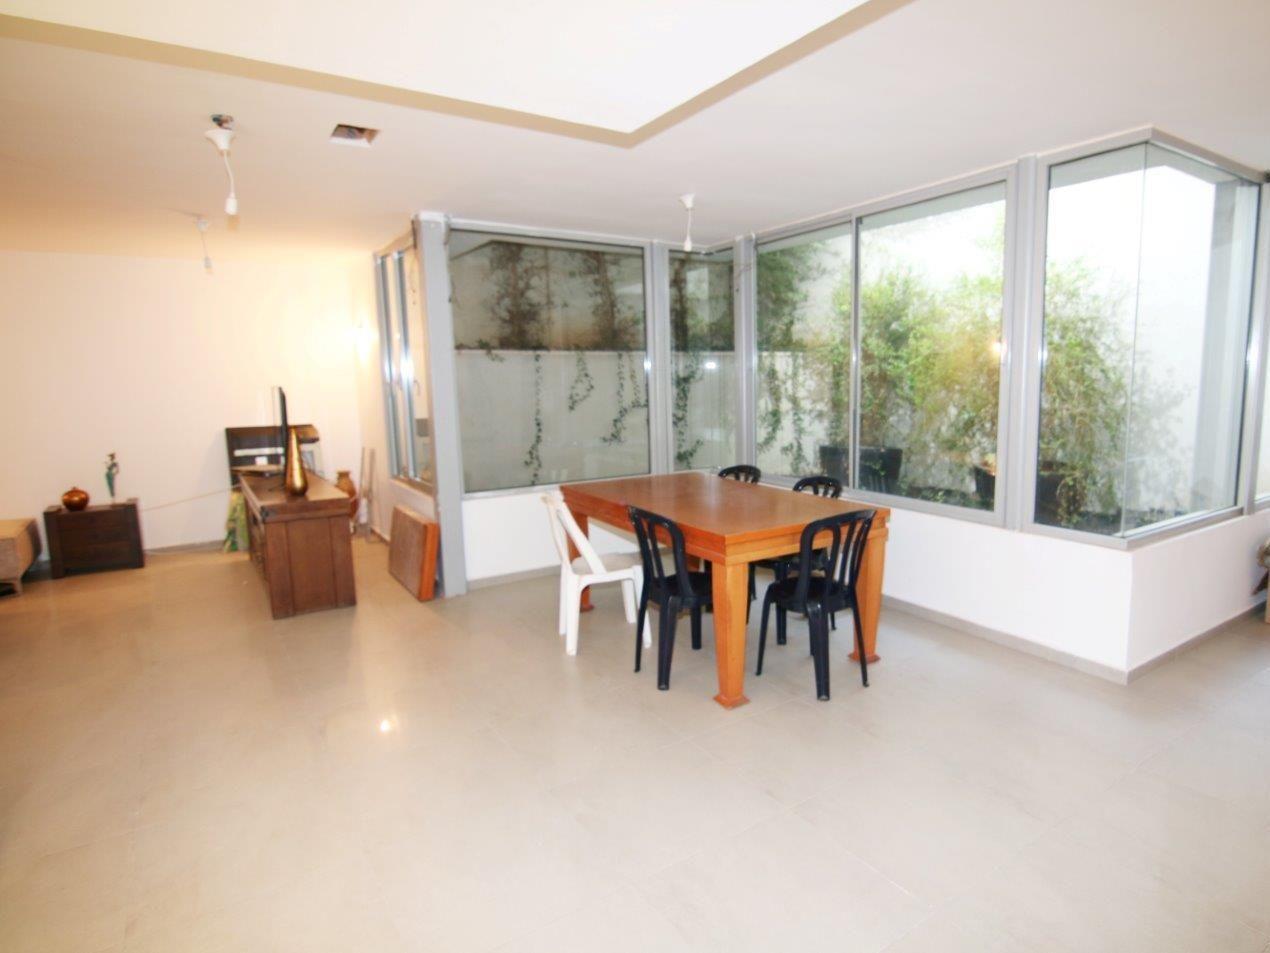 Maison de luxe à vendre à raanana ouest maison neuve de et